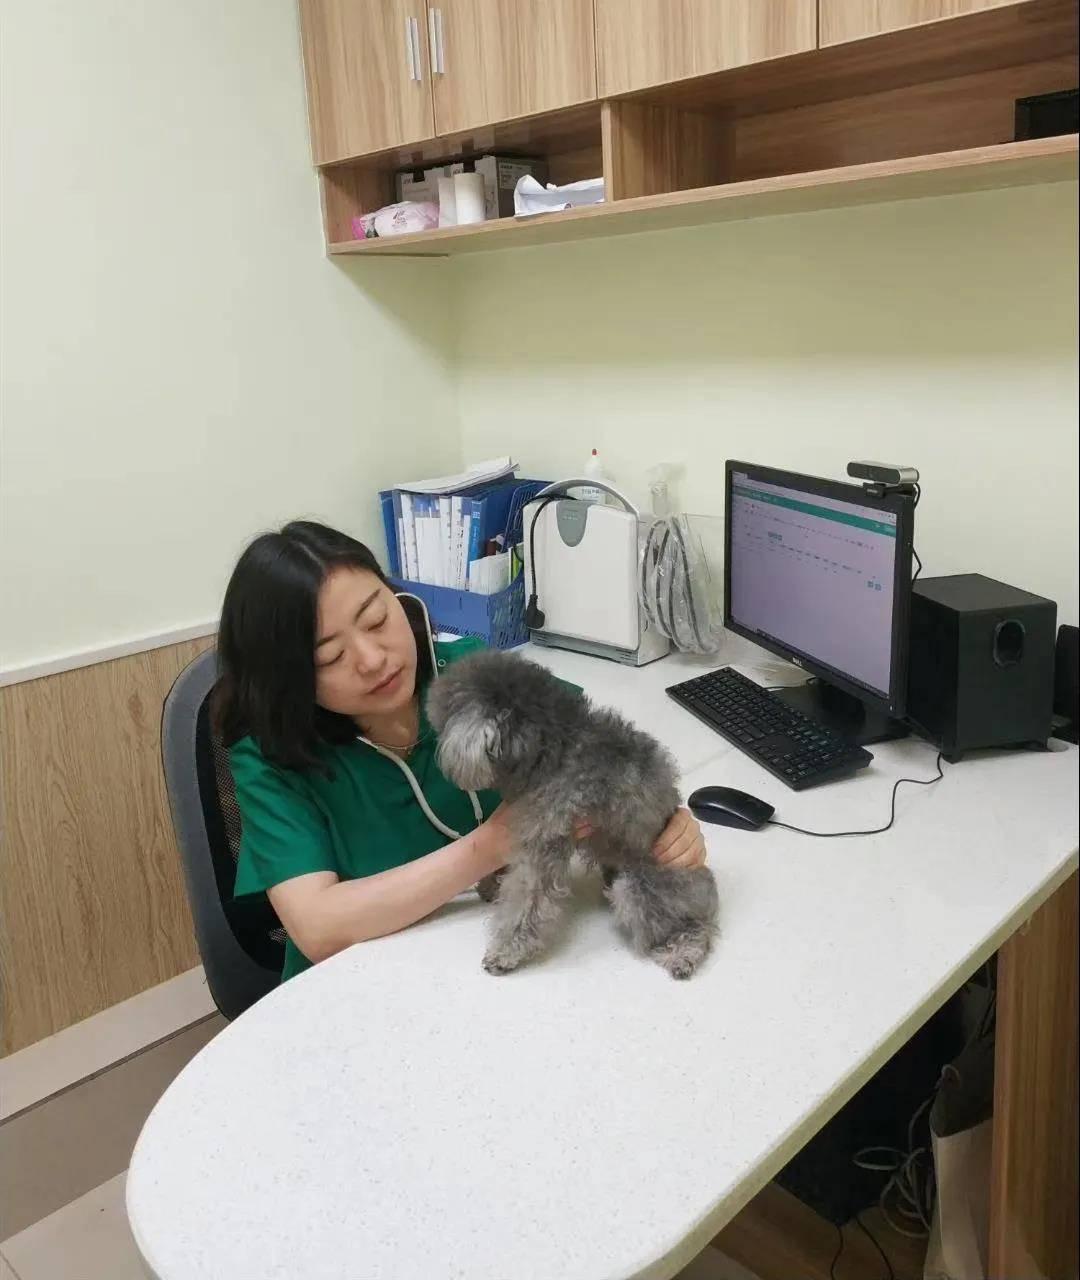 兽医既医治宠物伤痛,也疗愈人心